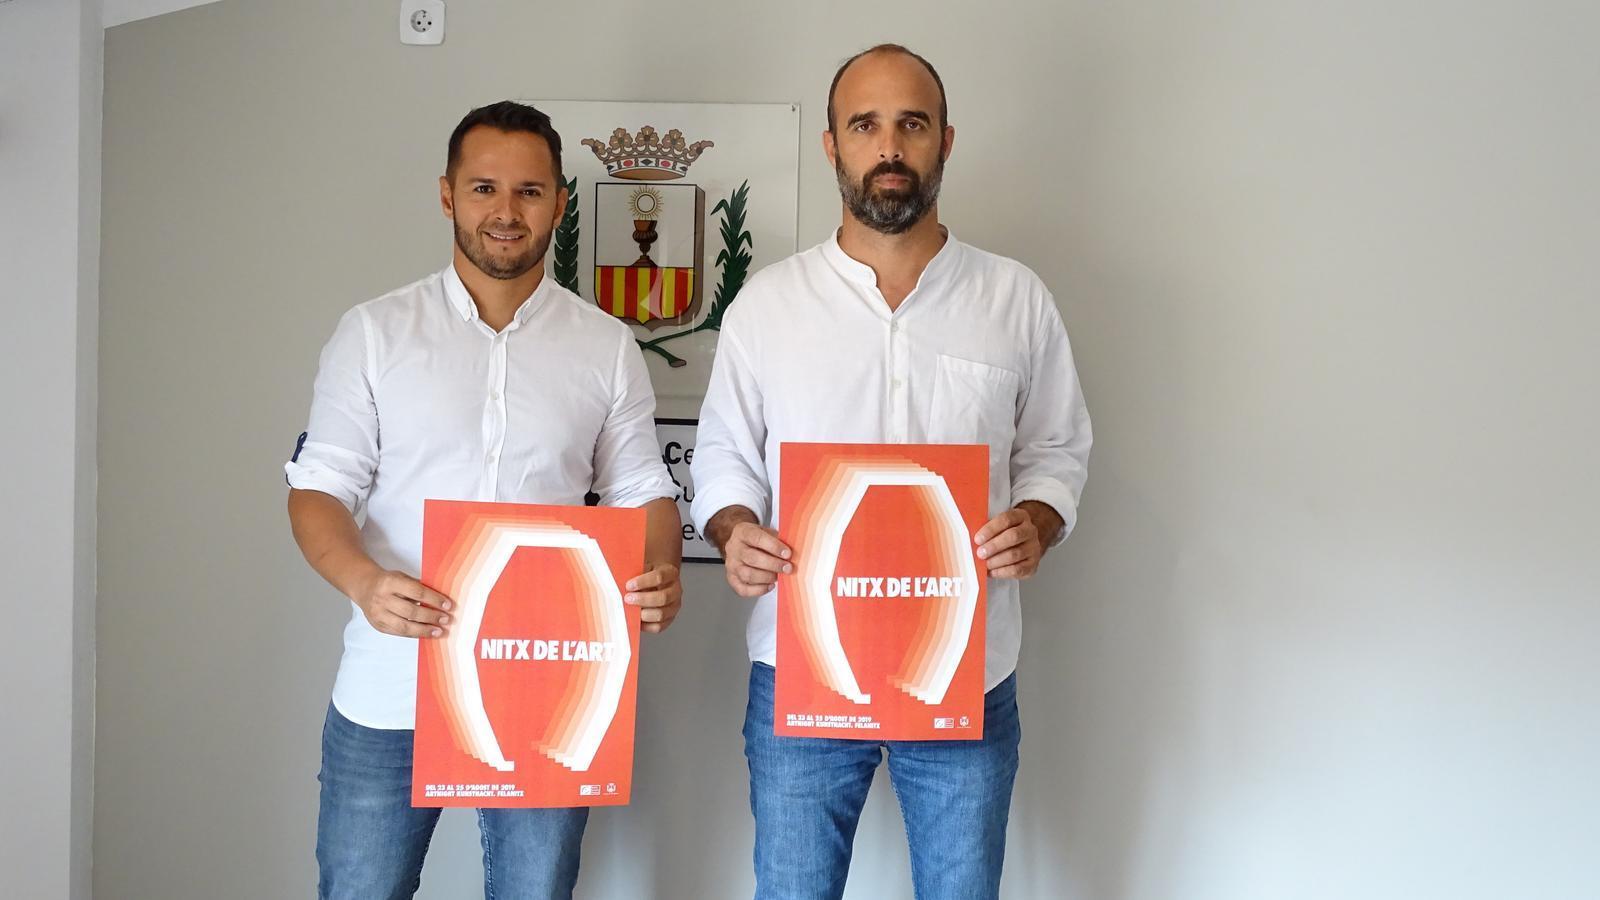 El regidor de Cultura, Xisco Duarte, i el batle, Jaume Montserrat, amb el cartell de l'acte.